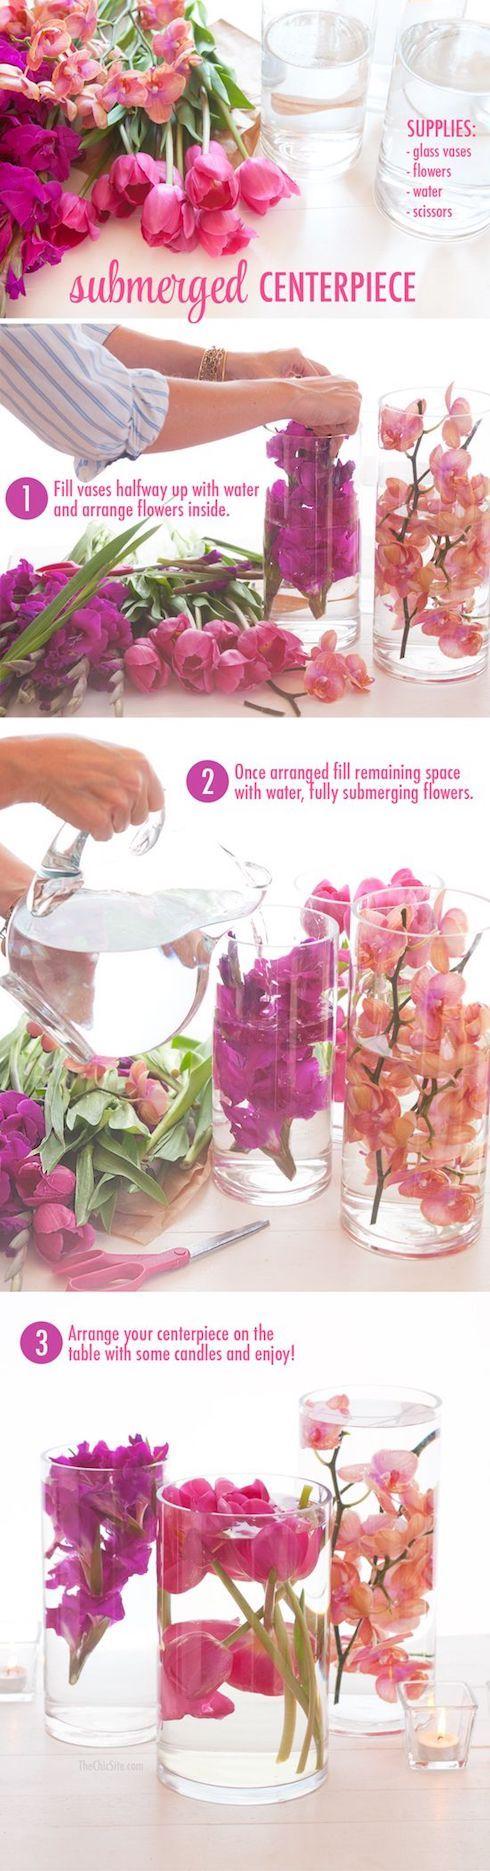 Centros de mesa con flores sumergidas.